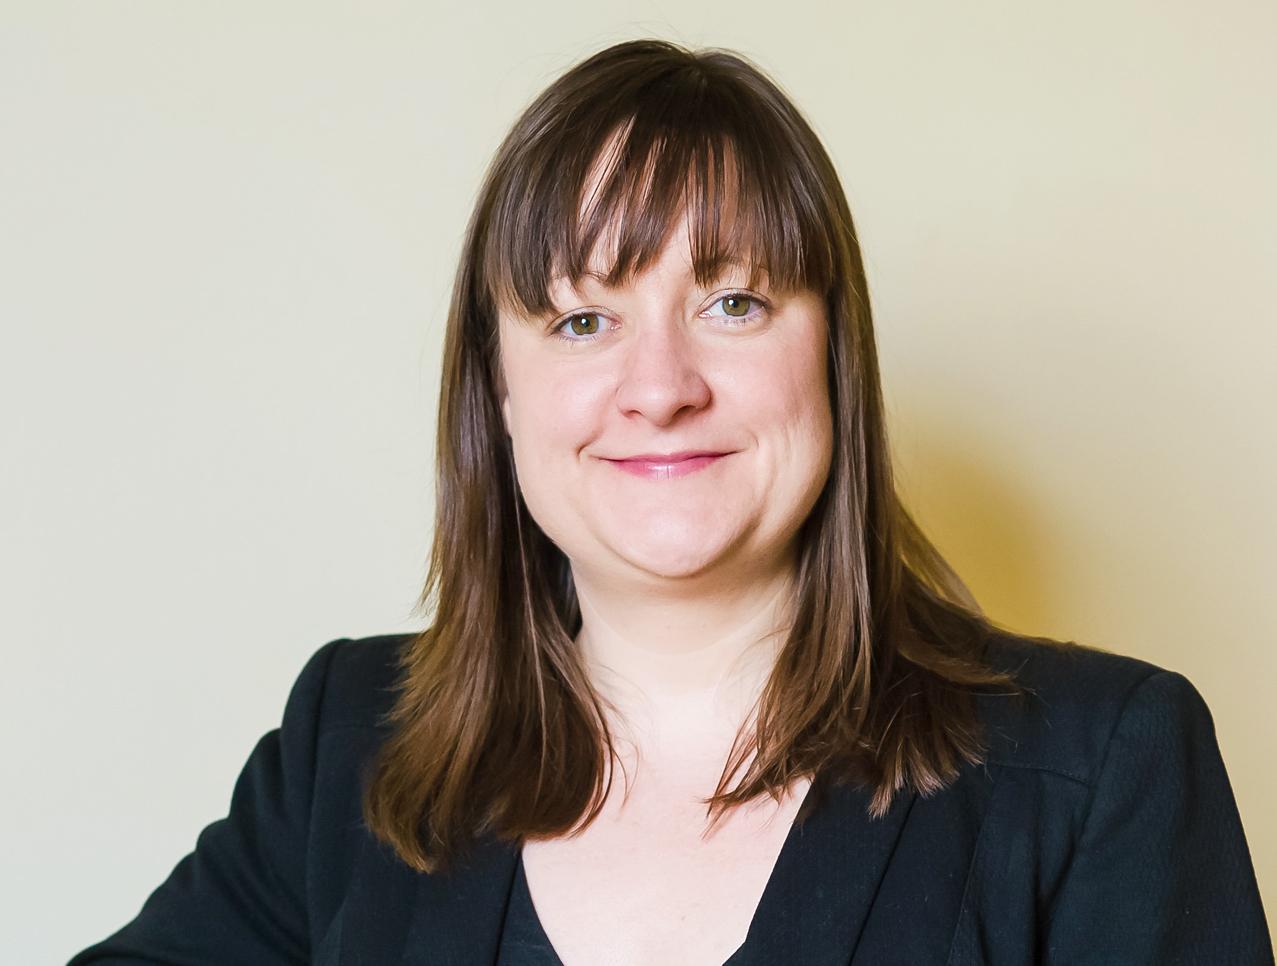 Rhiannon Jones of Emma Stacey Legal